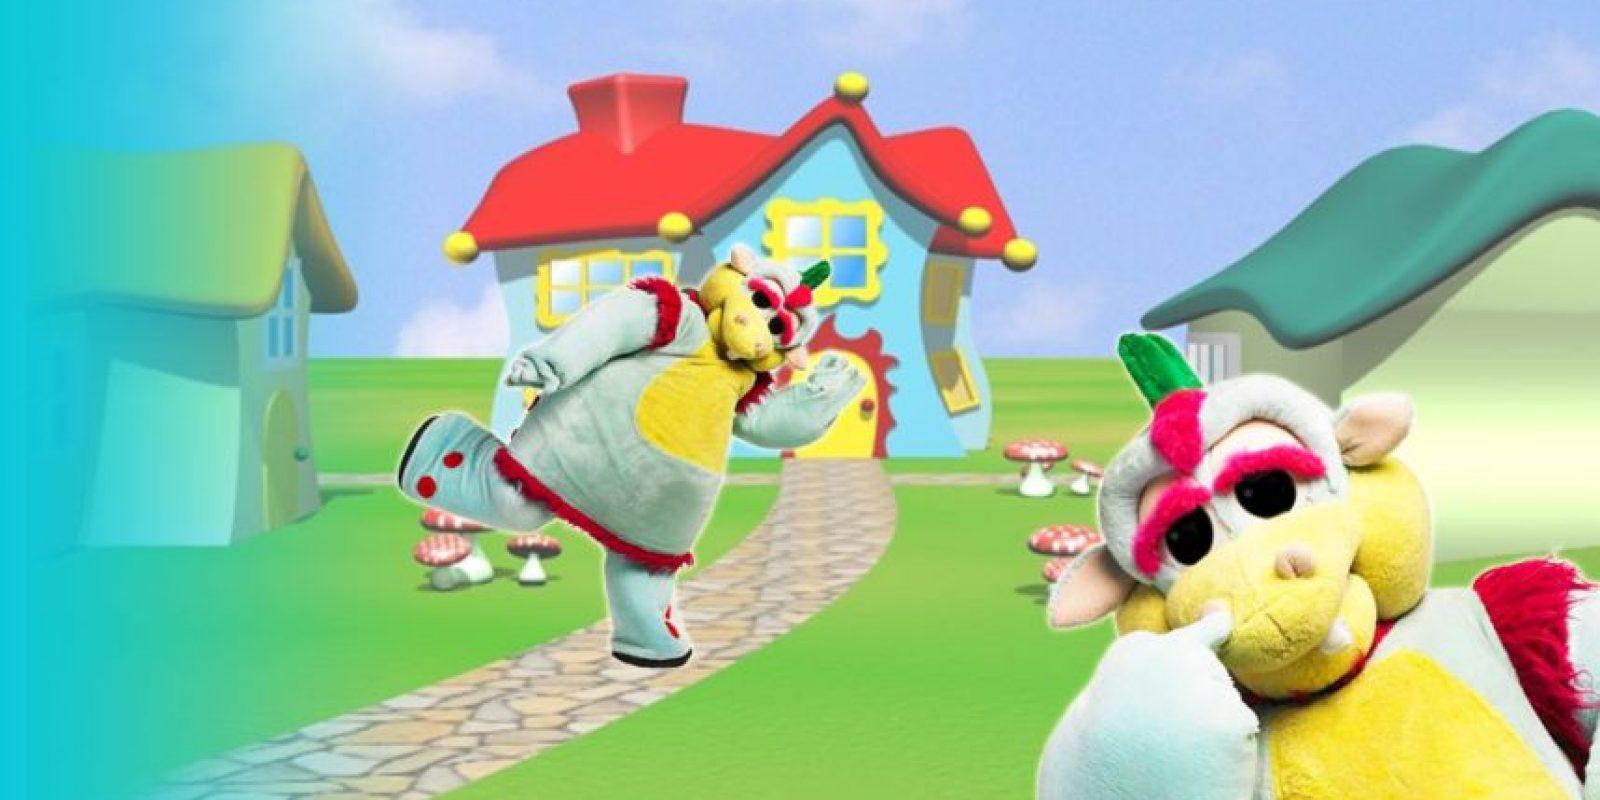 Timoteo, el dinosaurio que luego presentó la franja infantil de la tarde de América Televisión con Karina y Maria Pía, fue el muñeco más visto por muchos niños colombianos durante años. Sobre todo, porque en su programa pasaban capítulos de animación japonesa, desde Pokemon hasta Dragon Ball Z. Foto:América Televisión